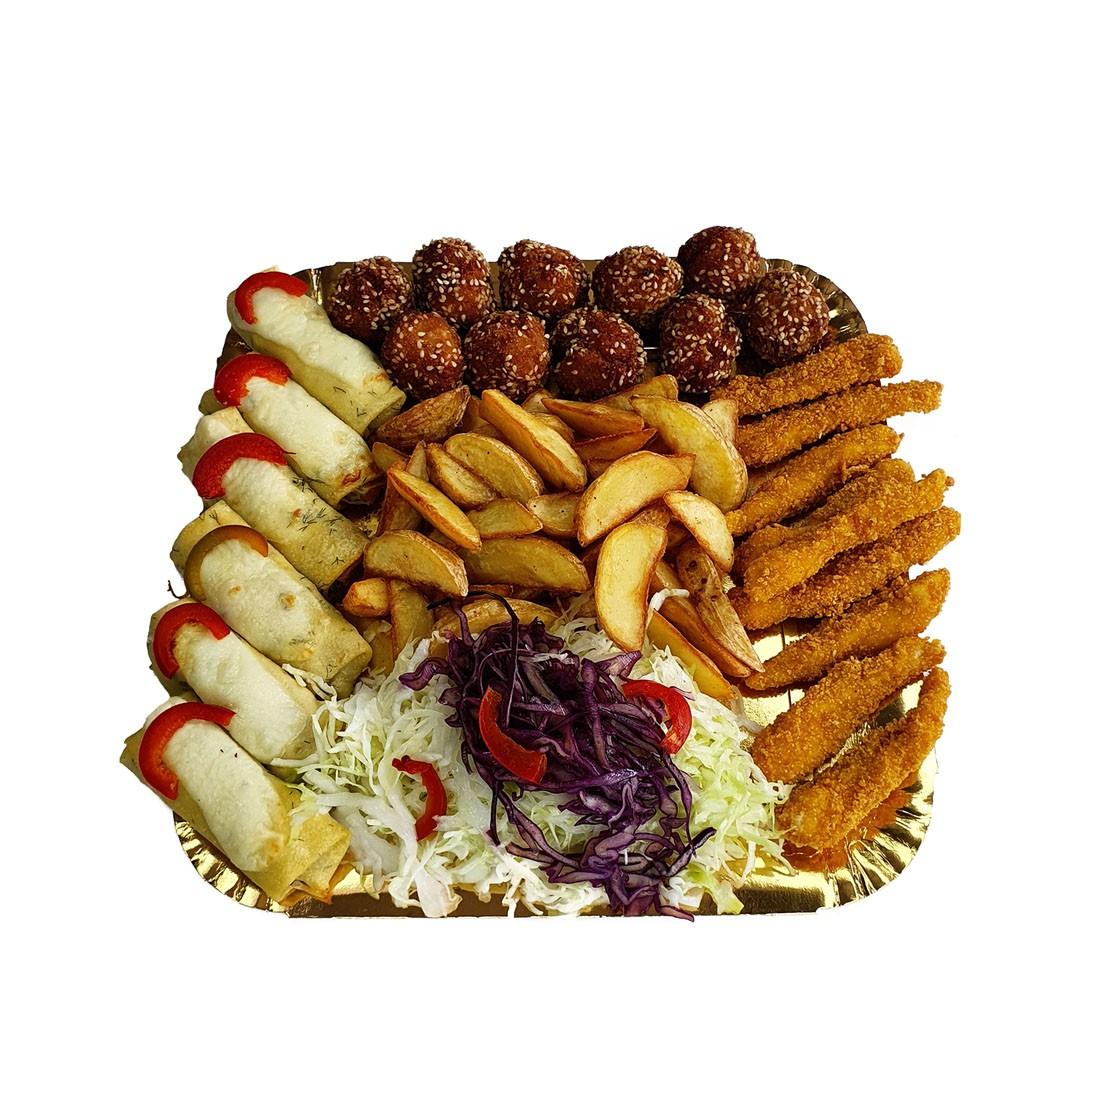 Platou 2 cald de pui – contine: clatite de pui gratinate, chiftelute de pui cu susan, degetele de pui crocante, cartofi wedges, salata de varza alba cu varza rosie si gogosari in otet